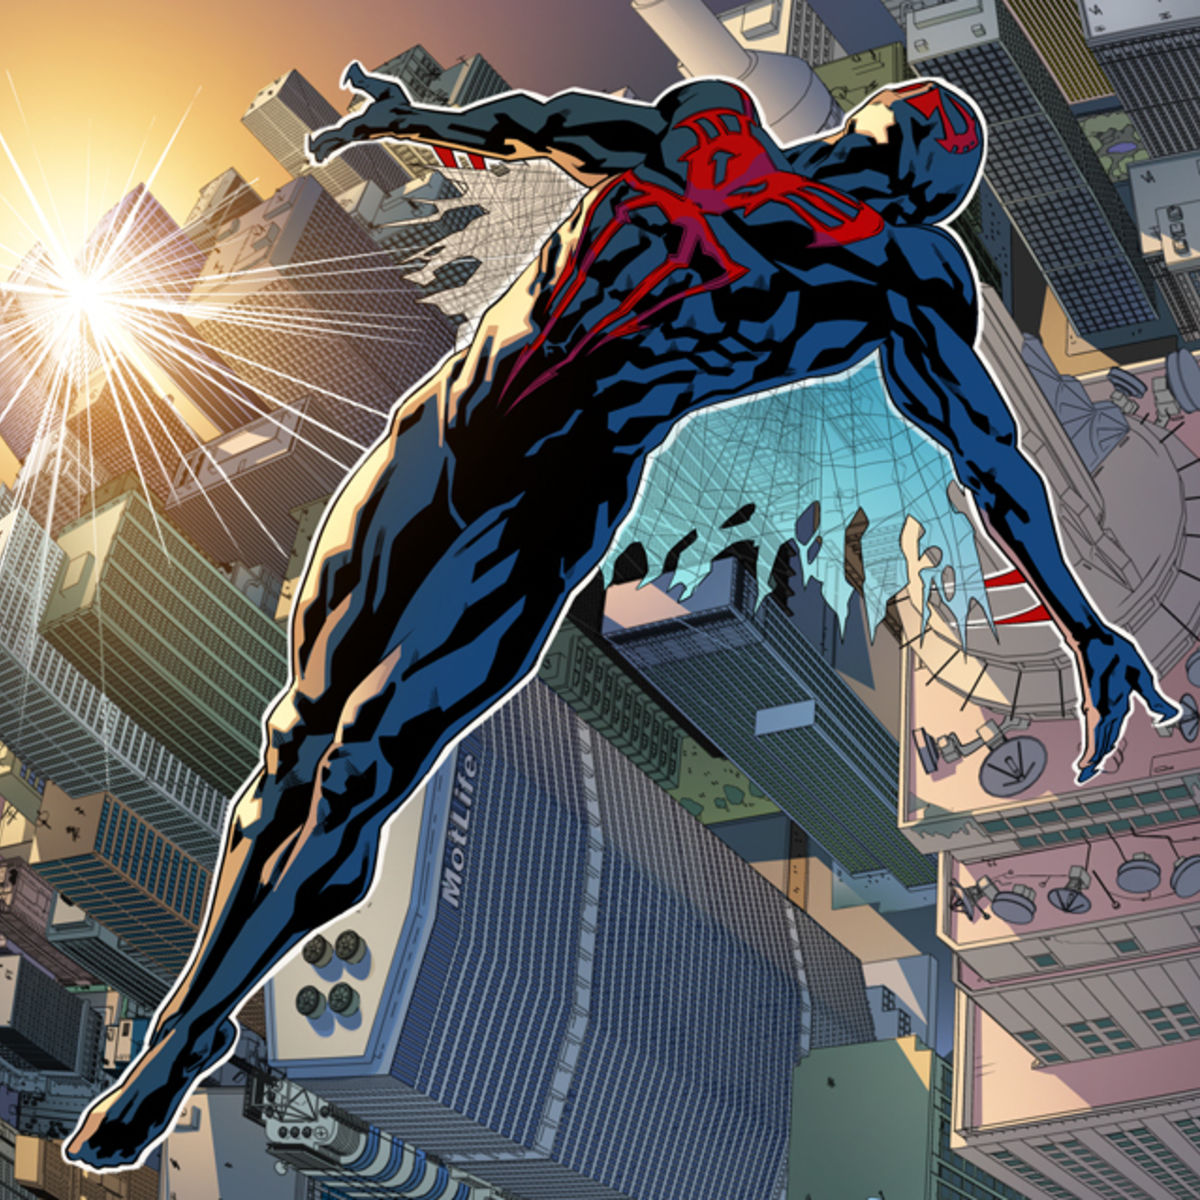 Spider_Man_2099_1_Preview_2CROP.jpg